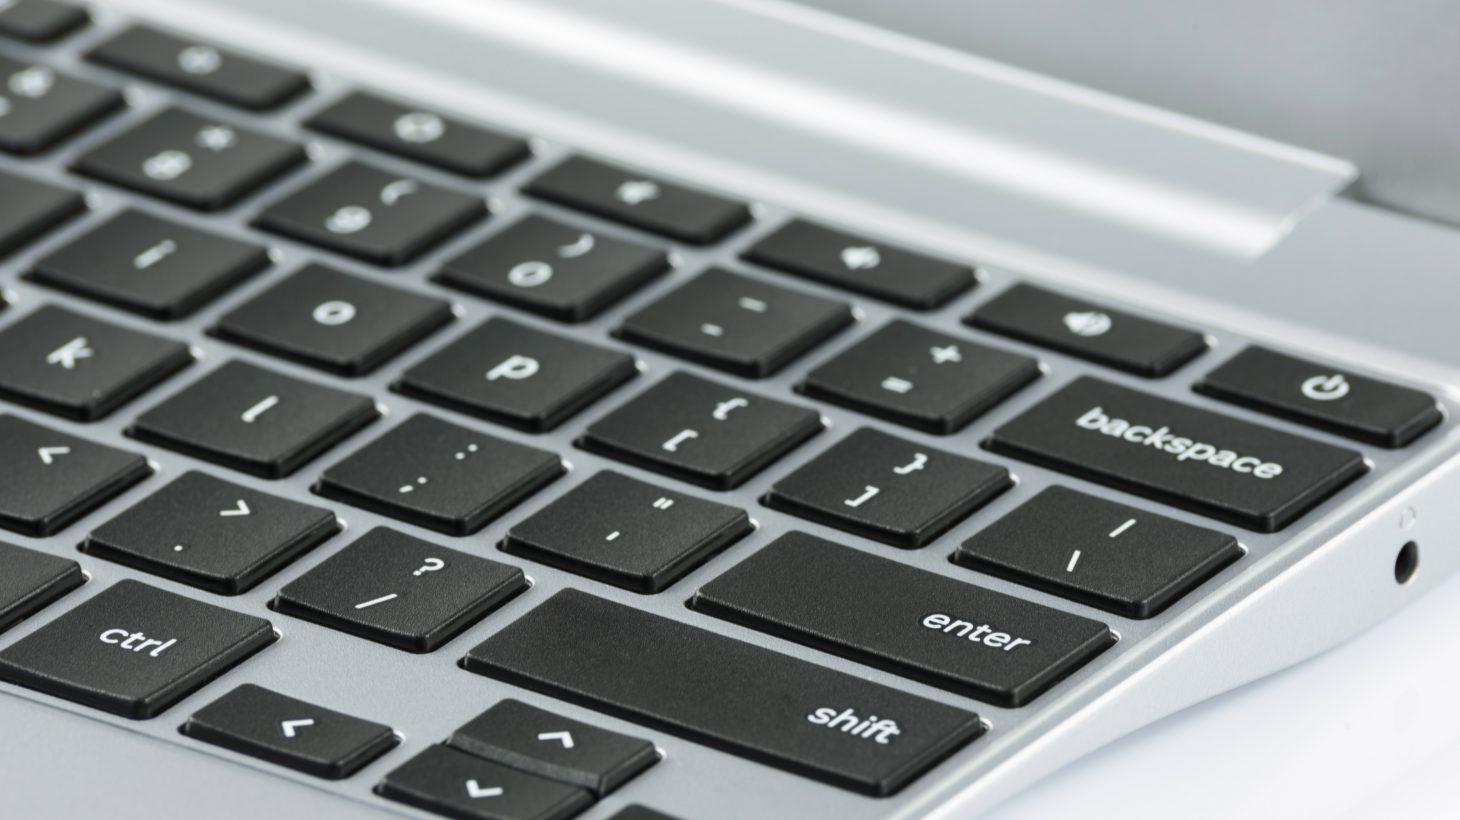 Närbild på ett tangentbord